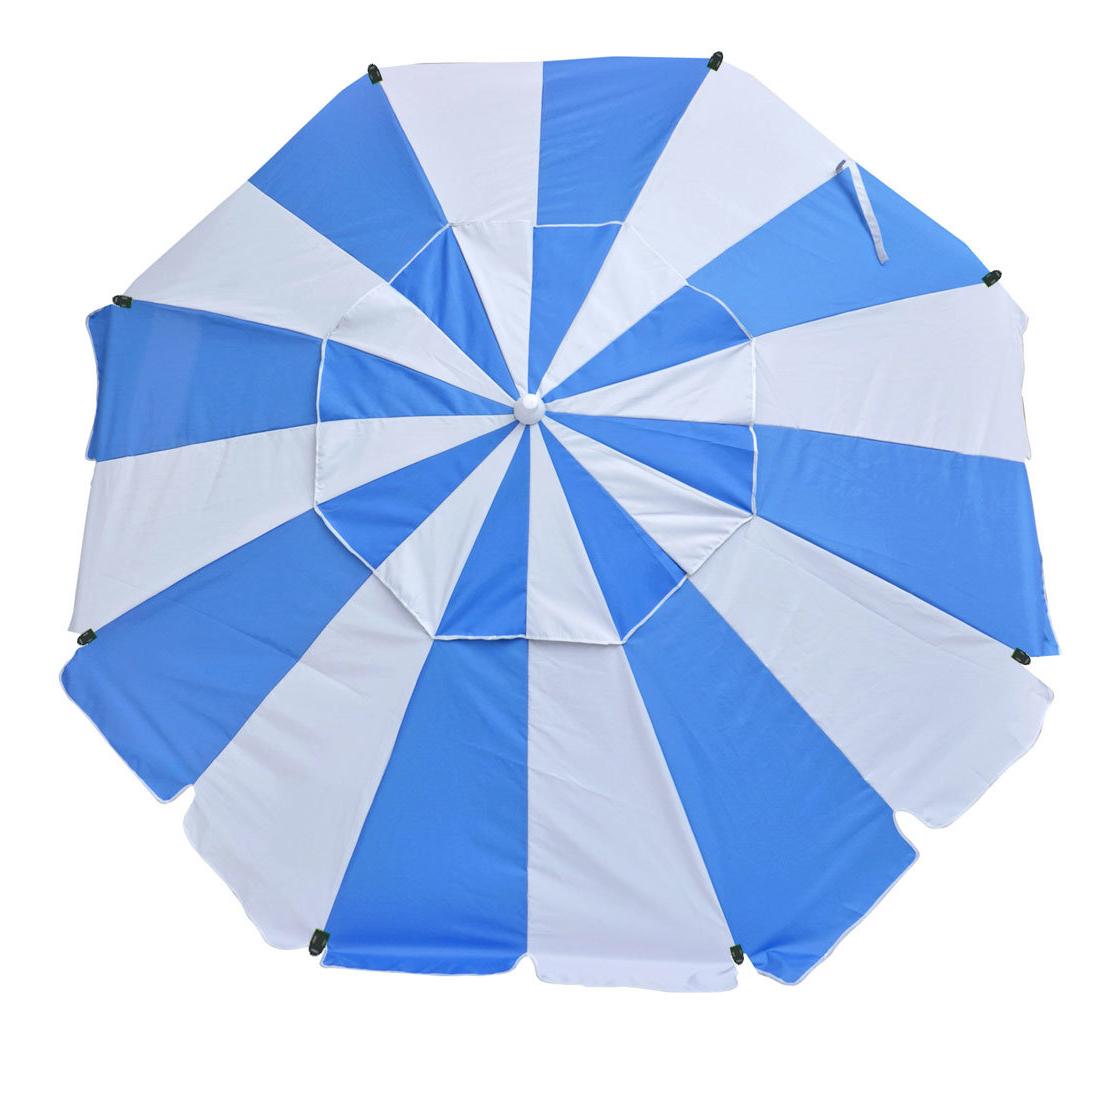 Schroeder Heavy Duty Beach Umbrellas For Well Known Victor Heavy Duty 8' Beach Umbrella (View 5 of 20)